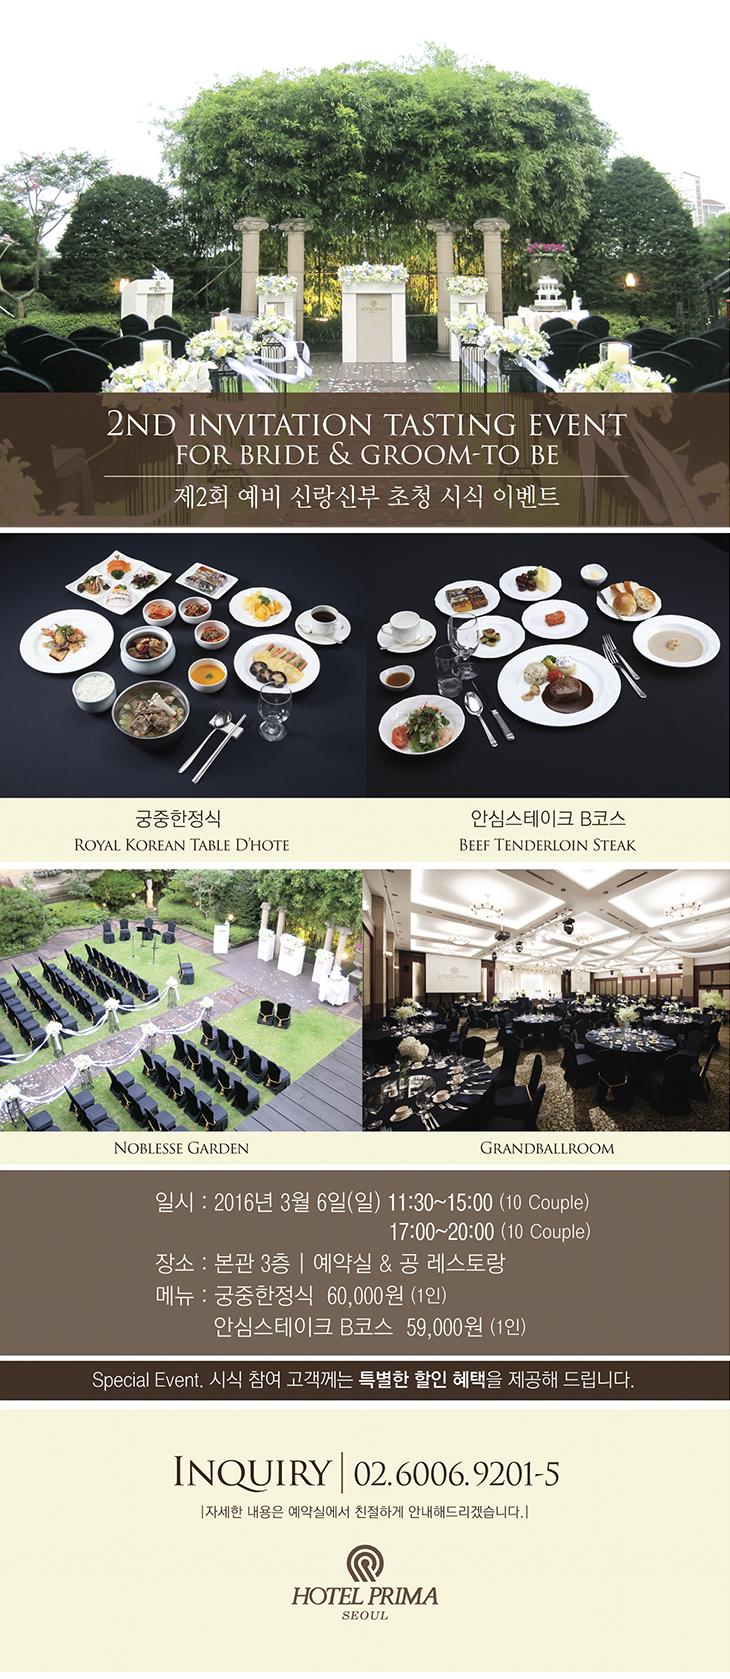 20160223_제2회 예비신랑신부 초청 시식 이벤트 POP UP_상세.jpg